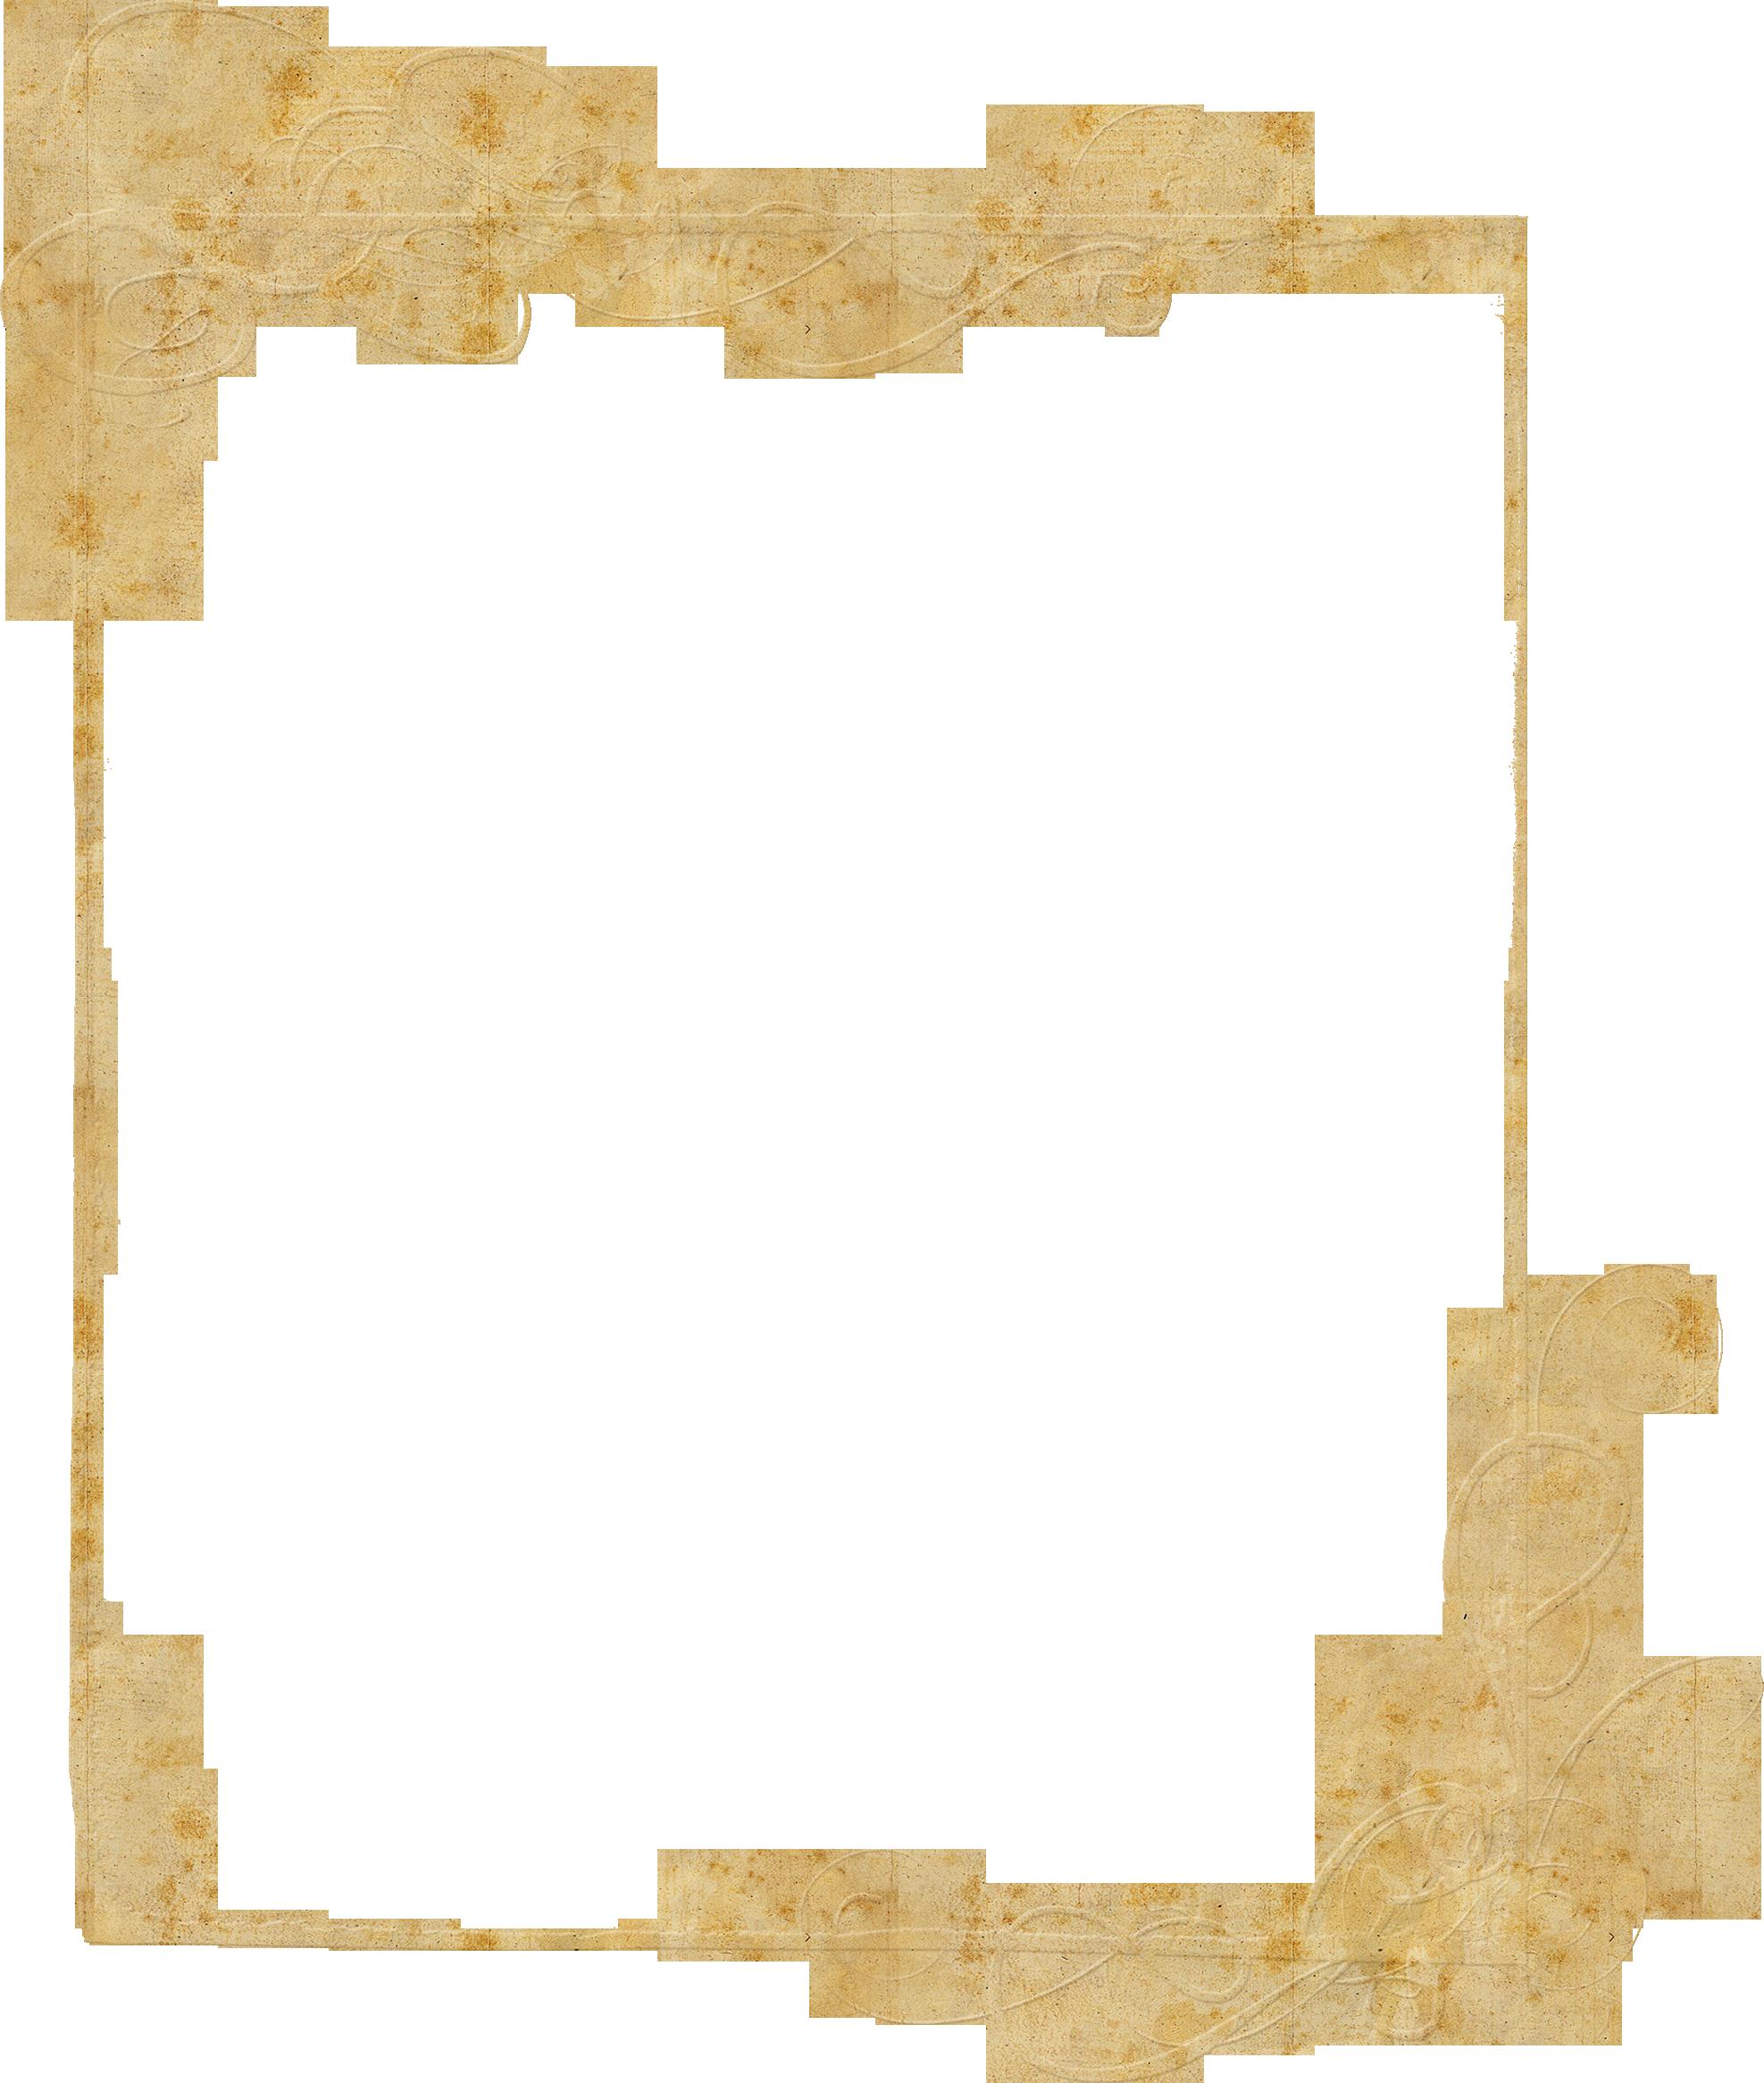 Строгие рамки для открытки, февраля гифки